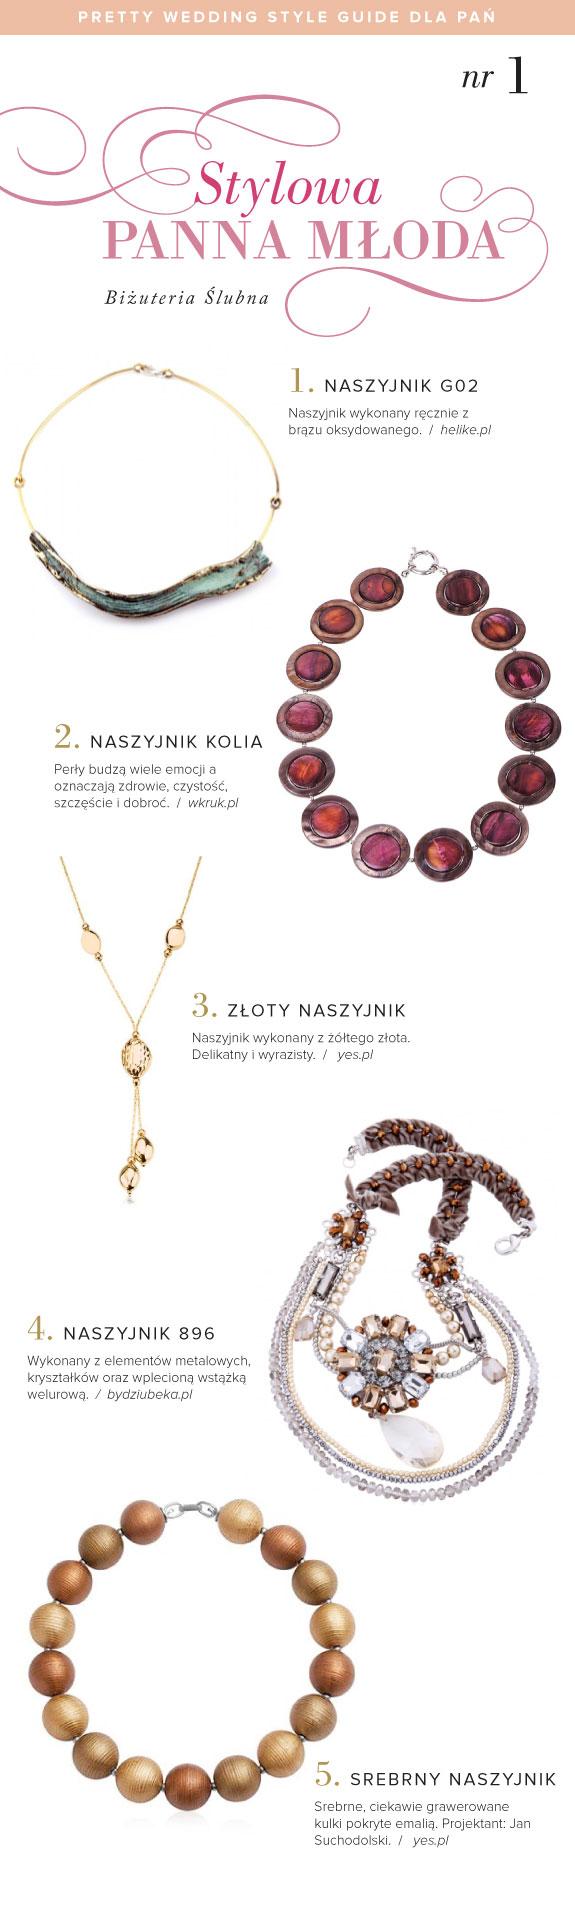 Propozycje Biżuterii Ślubnej Dla Pań, Biżuteria dla Odważnych Pań Młodych